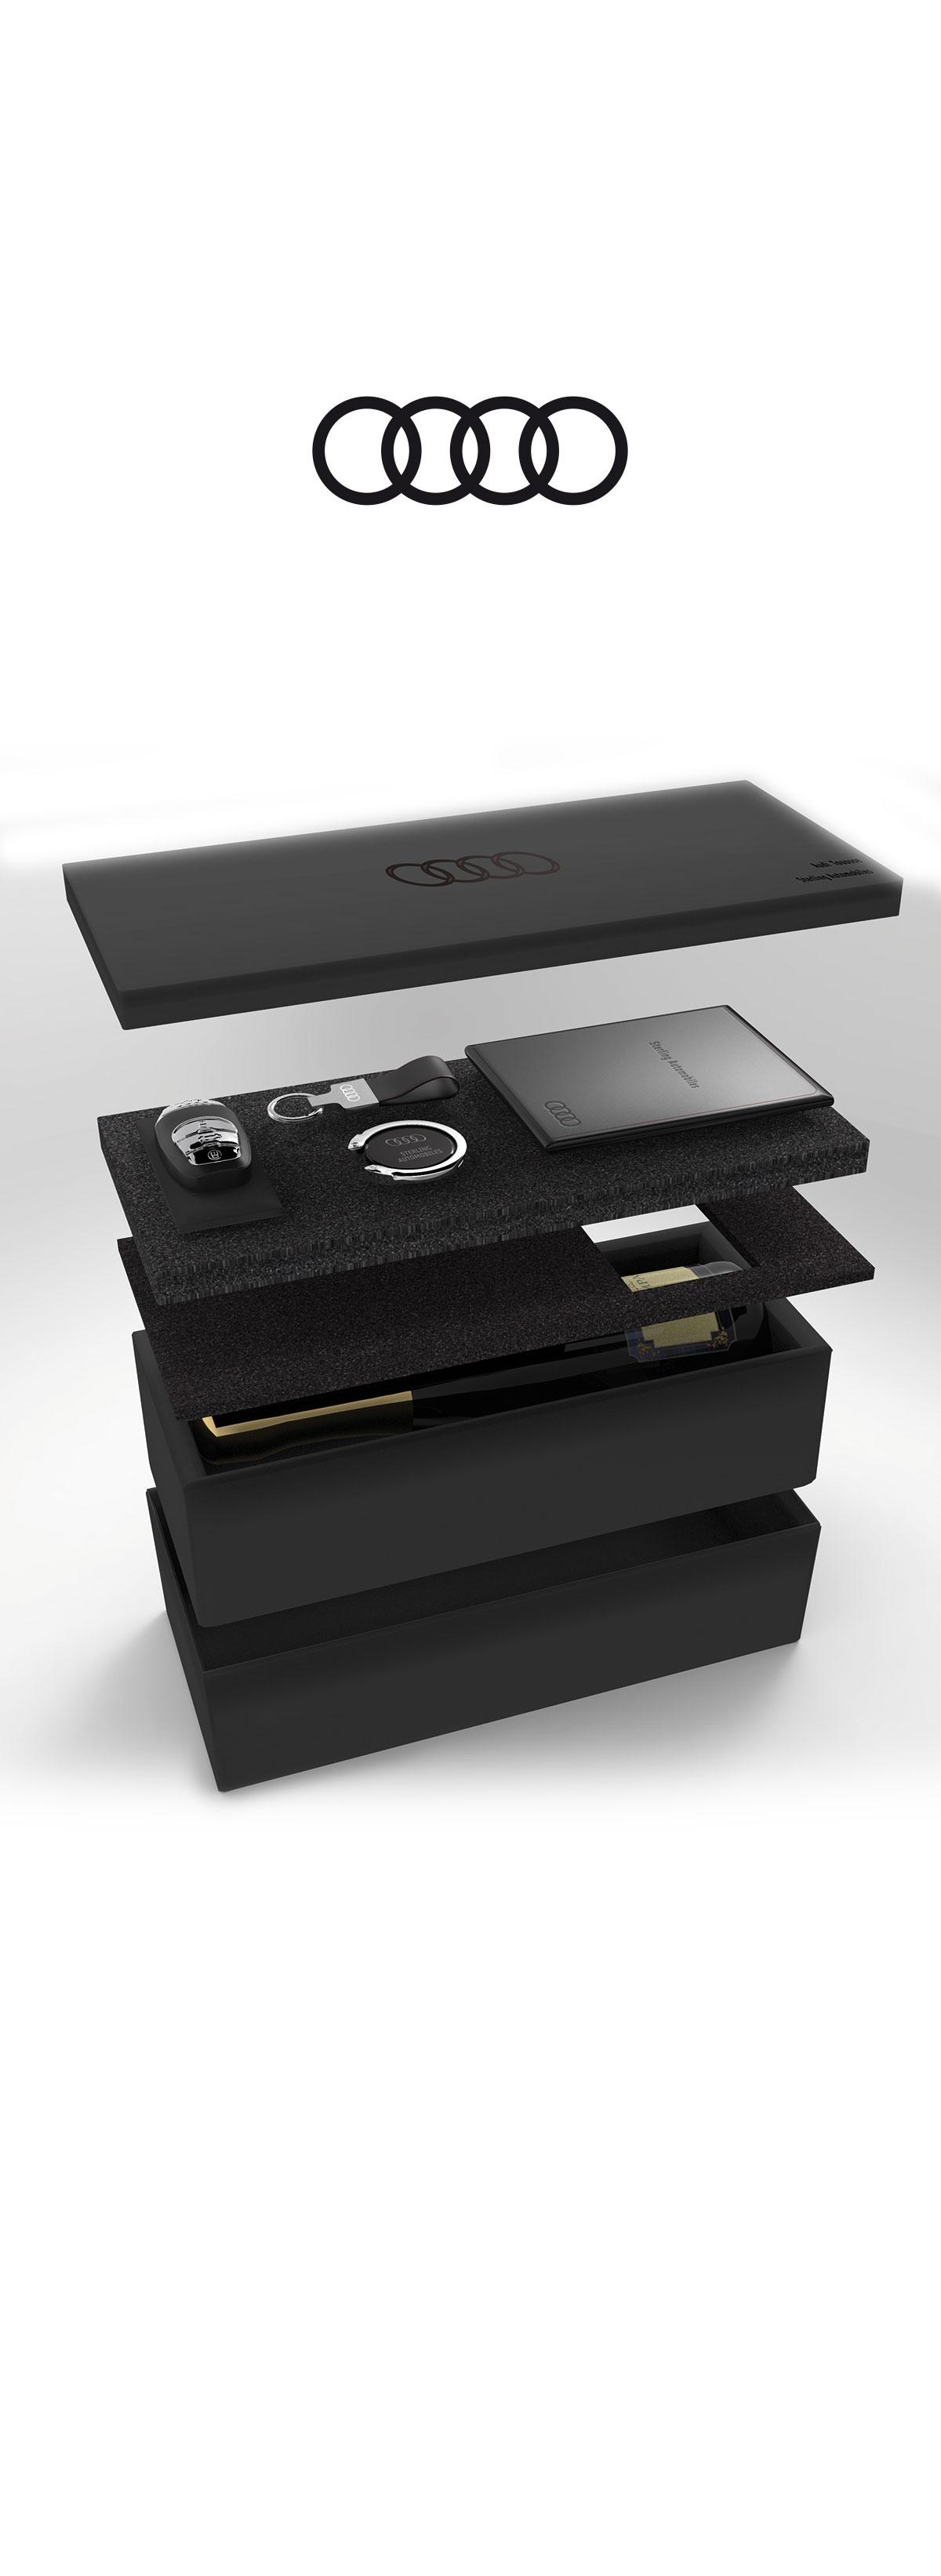 Audi, Welcome bow, Objet 3d, Photo Réalisme